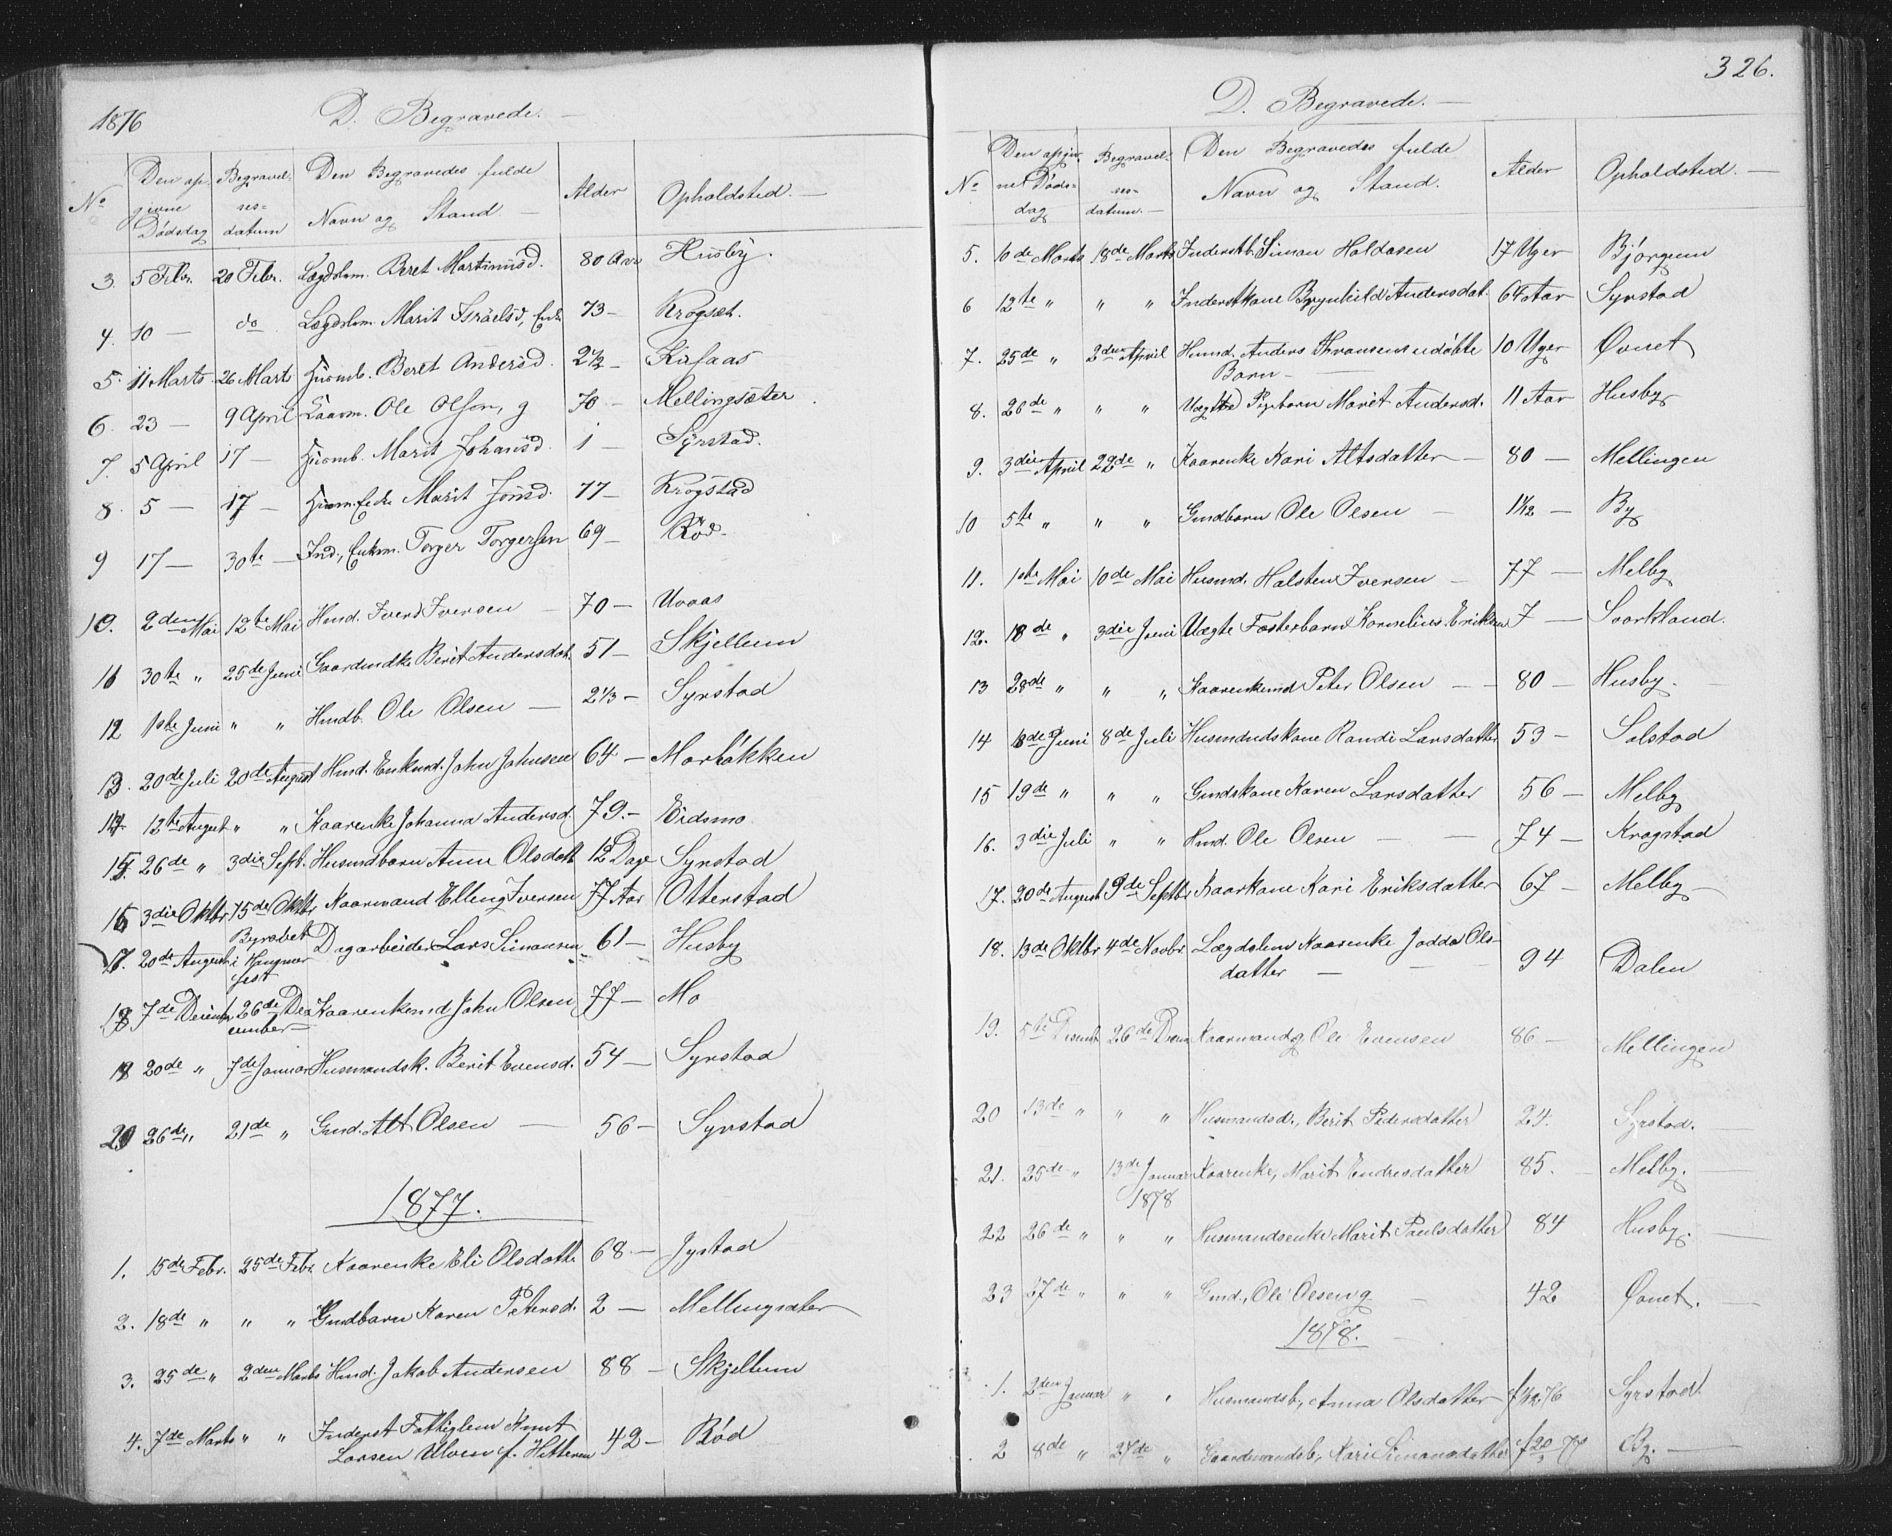 SAT, Ministerialprotokoller, klokkerbøker og fødselsregistre - Sør-Trøndelag, 667/L0798: Klokkerbok nr. 667C03, 1867-1929, s. 326